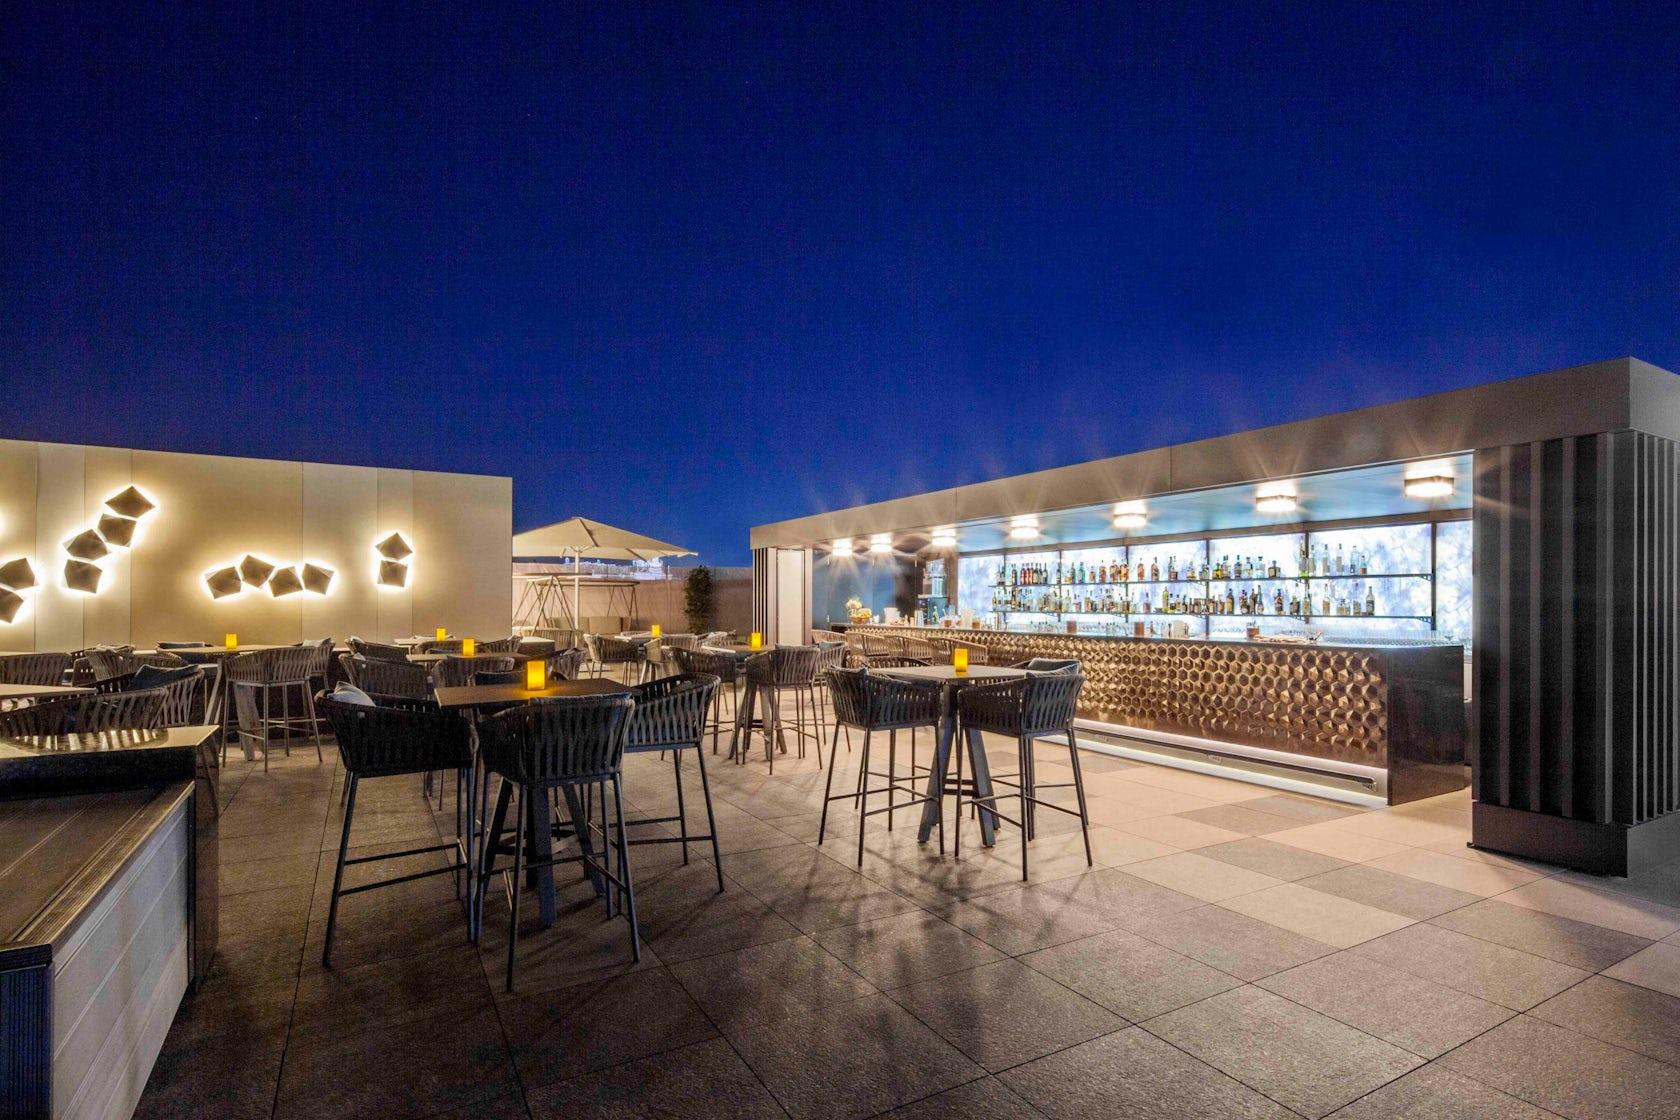 Hm Wohnung In Wien Design Destilat – usblife.info